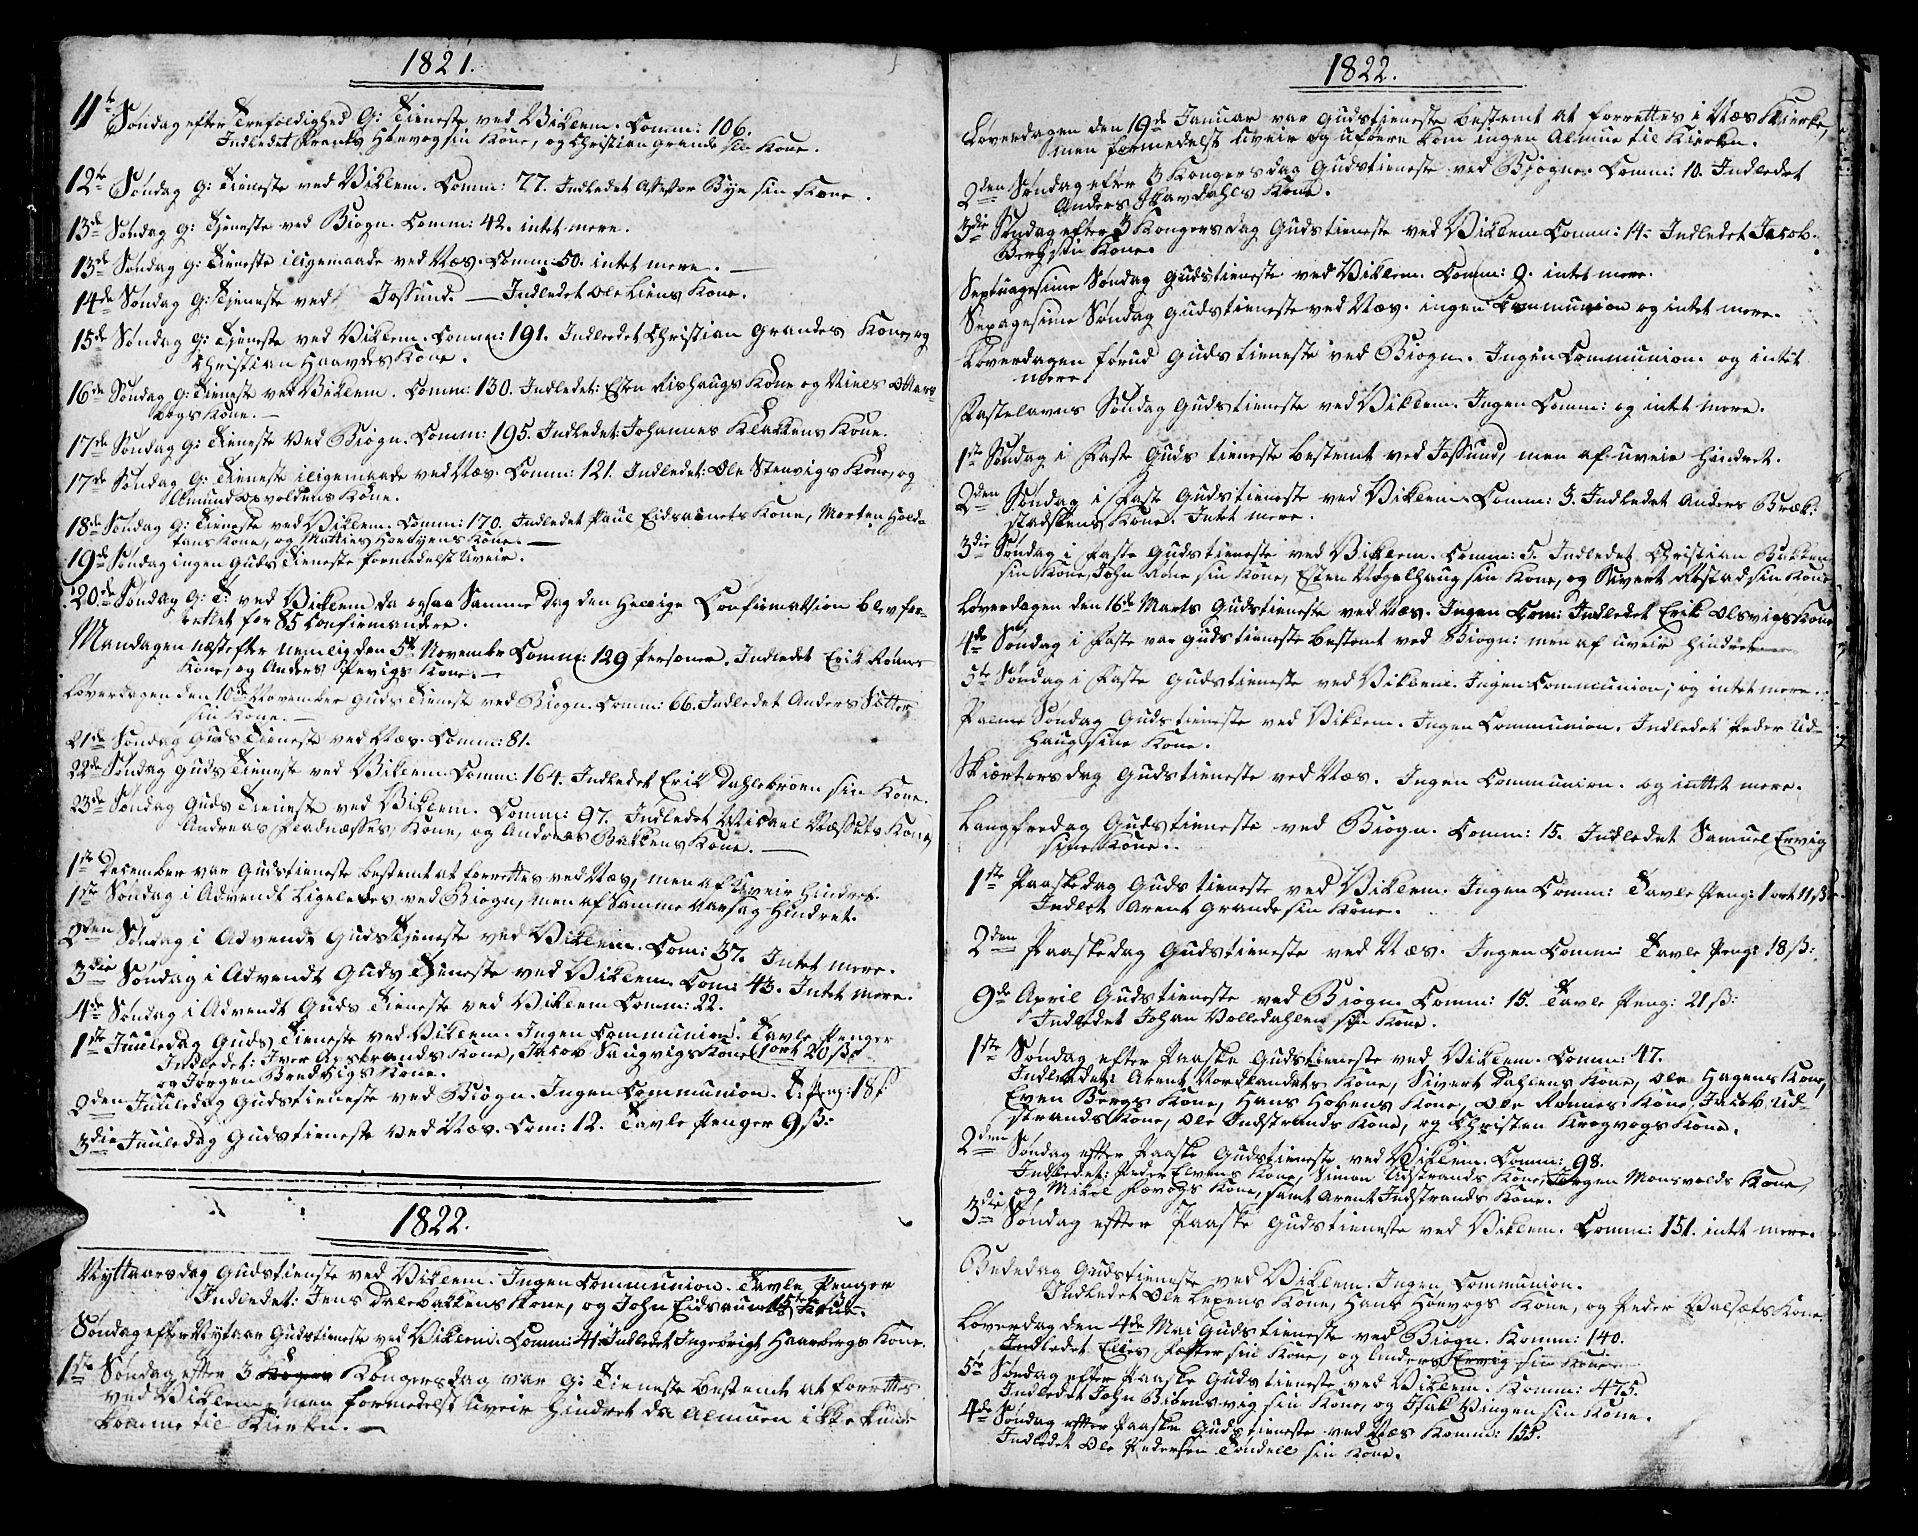 SAT, Ministerialprotokoller, klokkerbøker og fødselsregistre - Sør-Trøndelag, 659/L0733: Ministerialbok nr. 659A03, 1767-1818